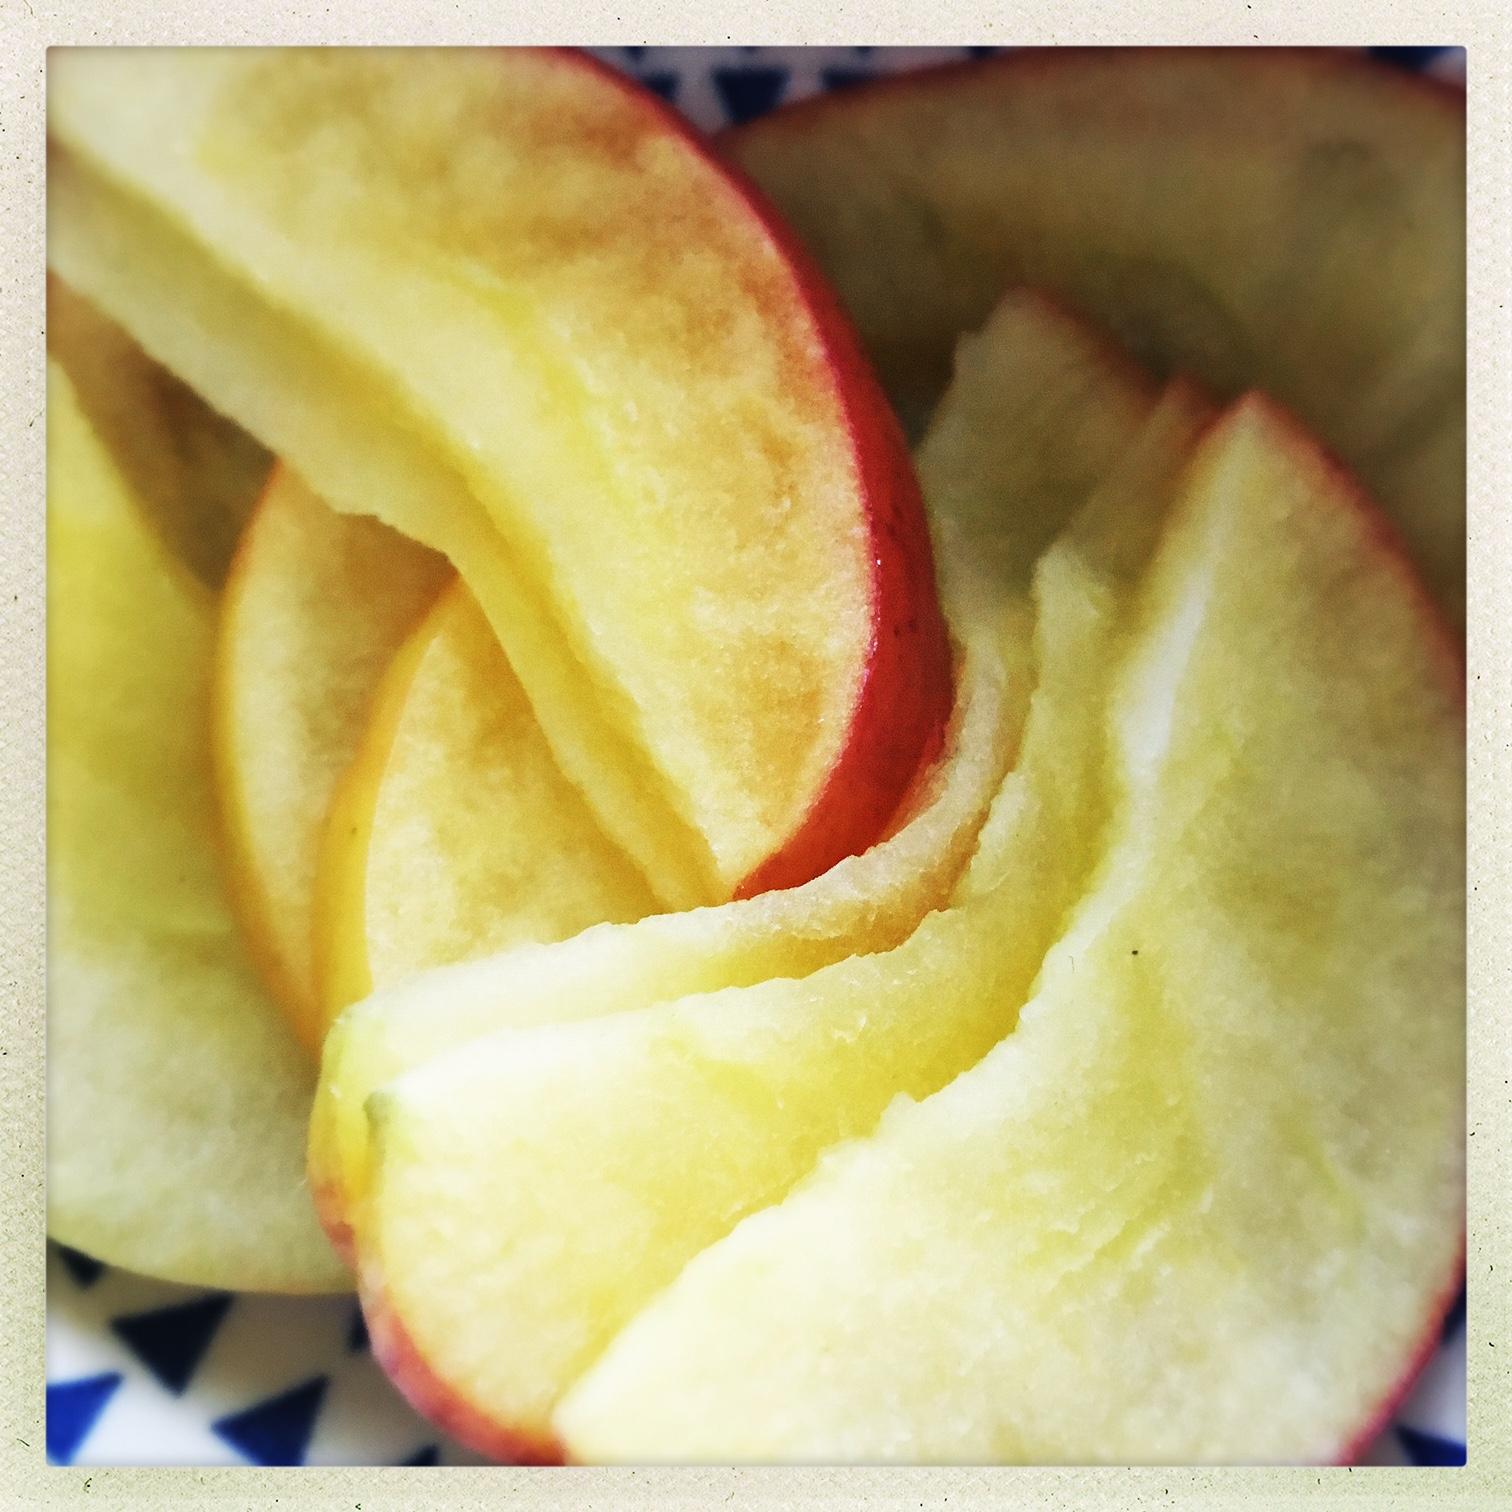 microwaved apples.jpg